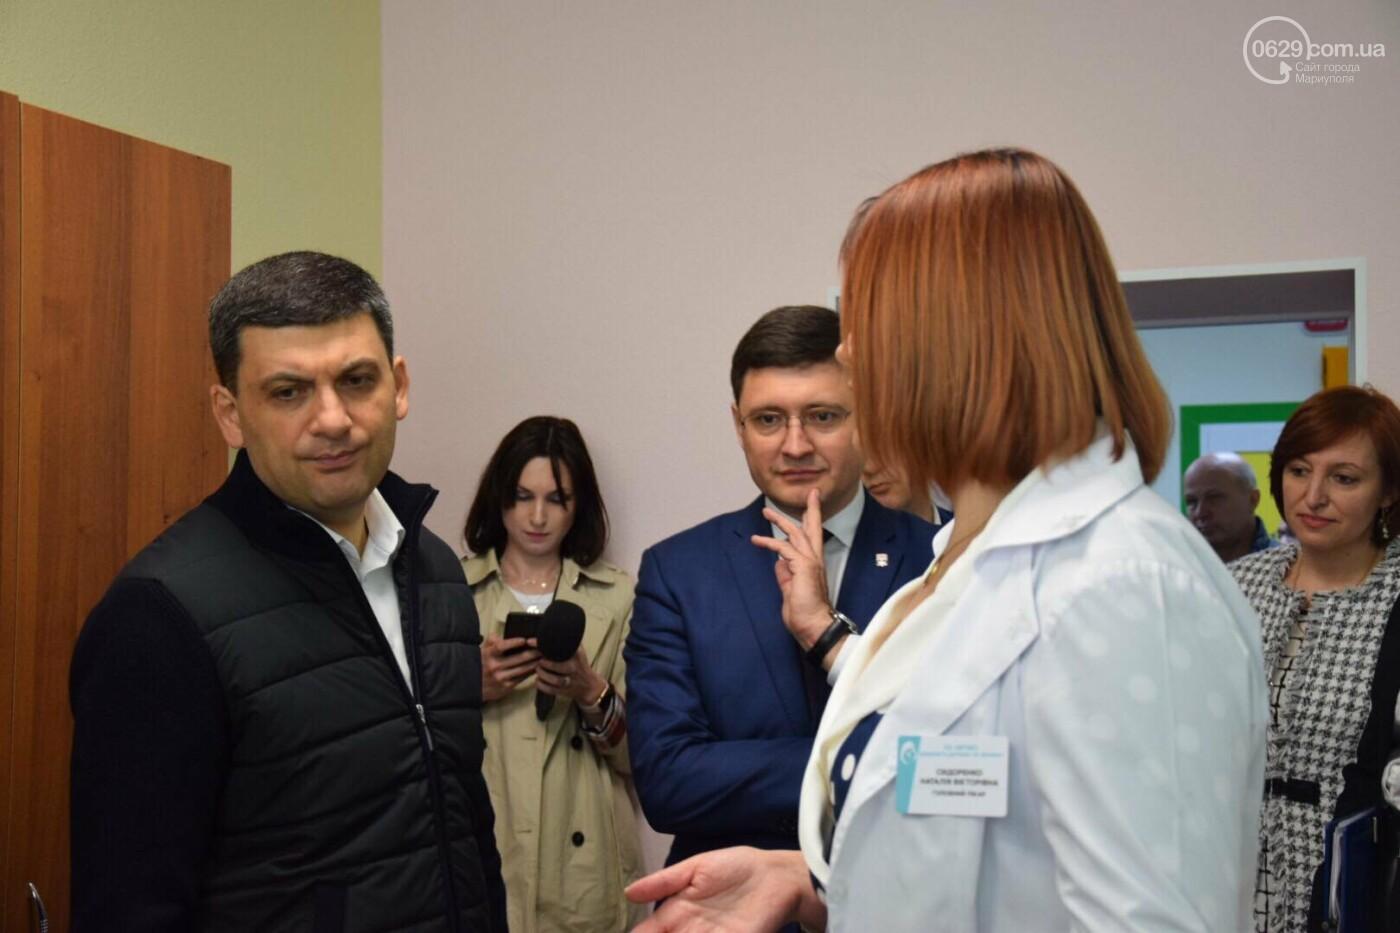 В Мариуполе Владимир Гройсман открыл детскую поликлинику и познакомился с Сережей, - ФОТОРЕПОРТАЖ, ВИДЕО, фото-37